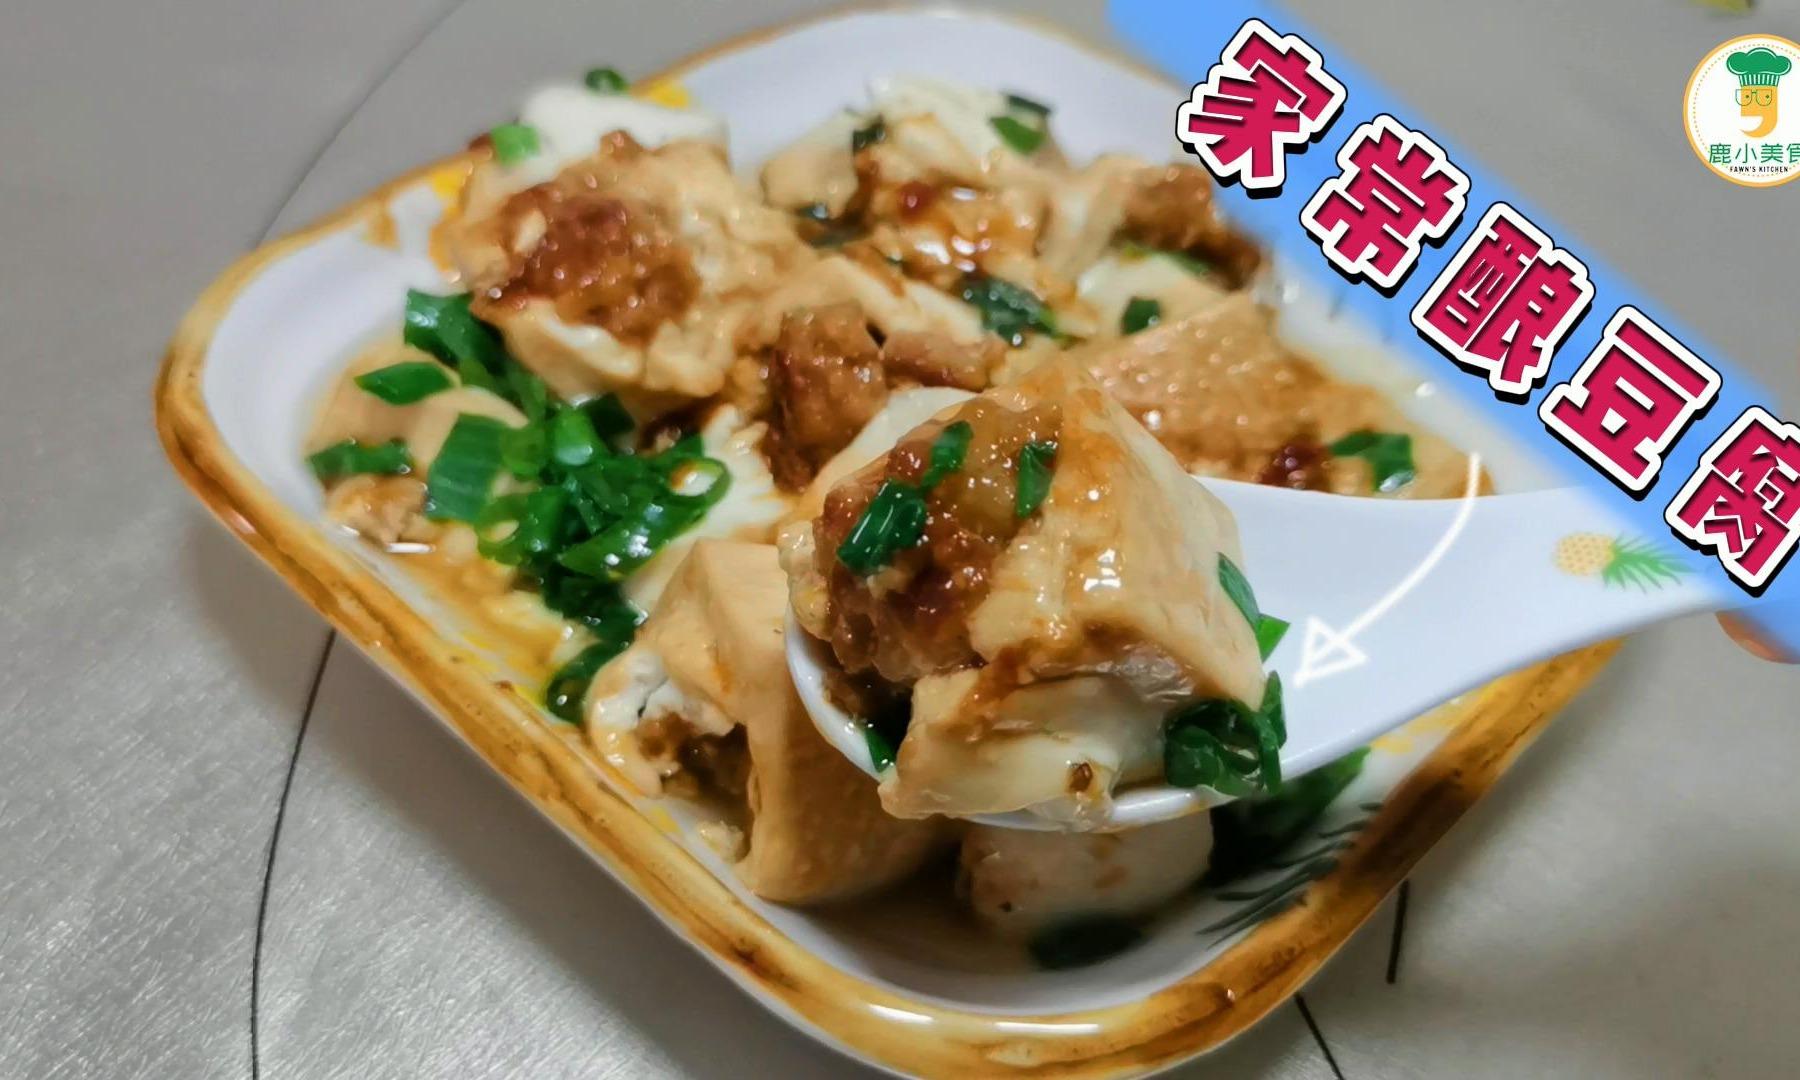 """酿豆腐,掌握""""豆腐选择""""和""""塞肉技巧"""",汁香入味,简单又下饭"""